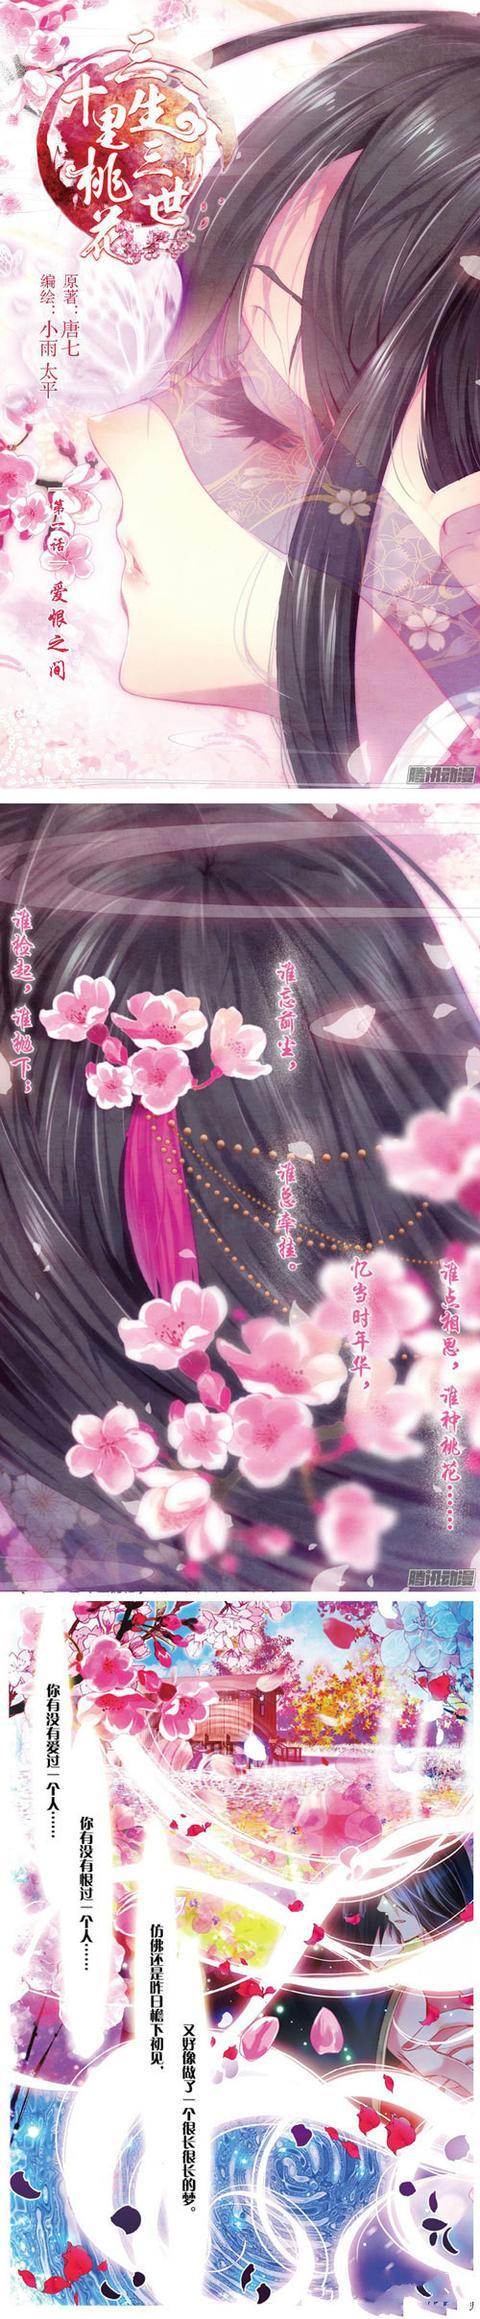 《三生三世十里桃花》漫画版,画风有点辣眼睛啊